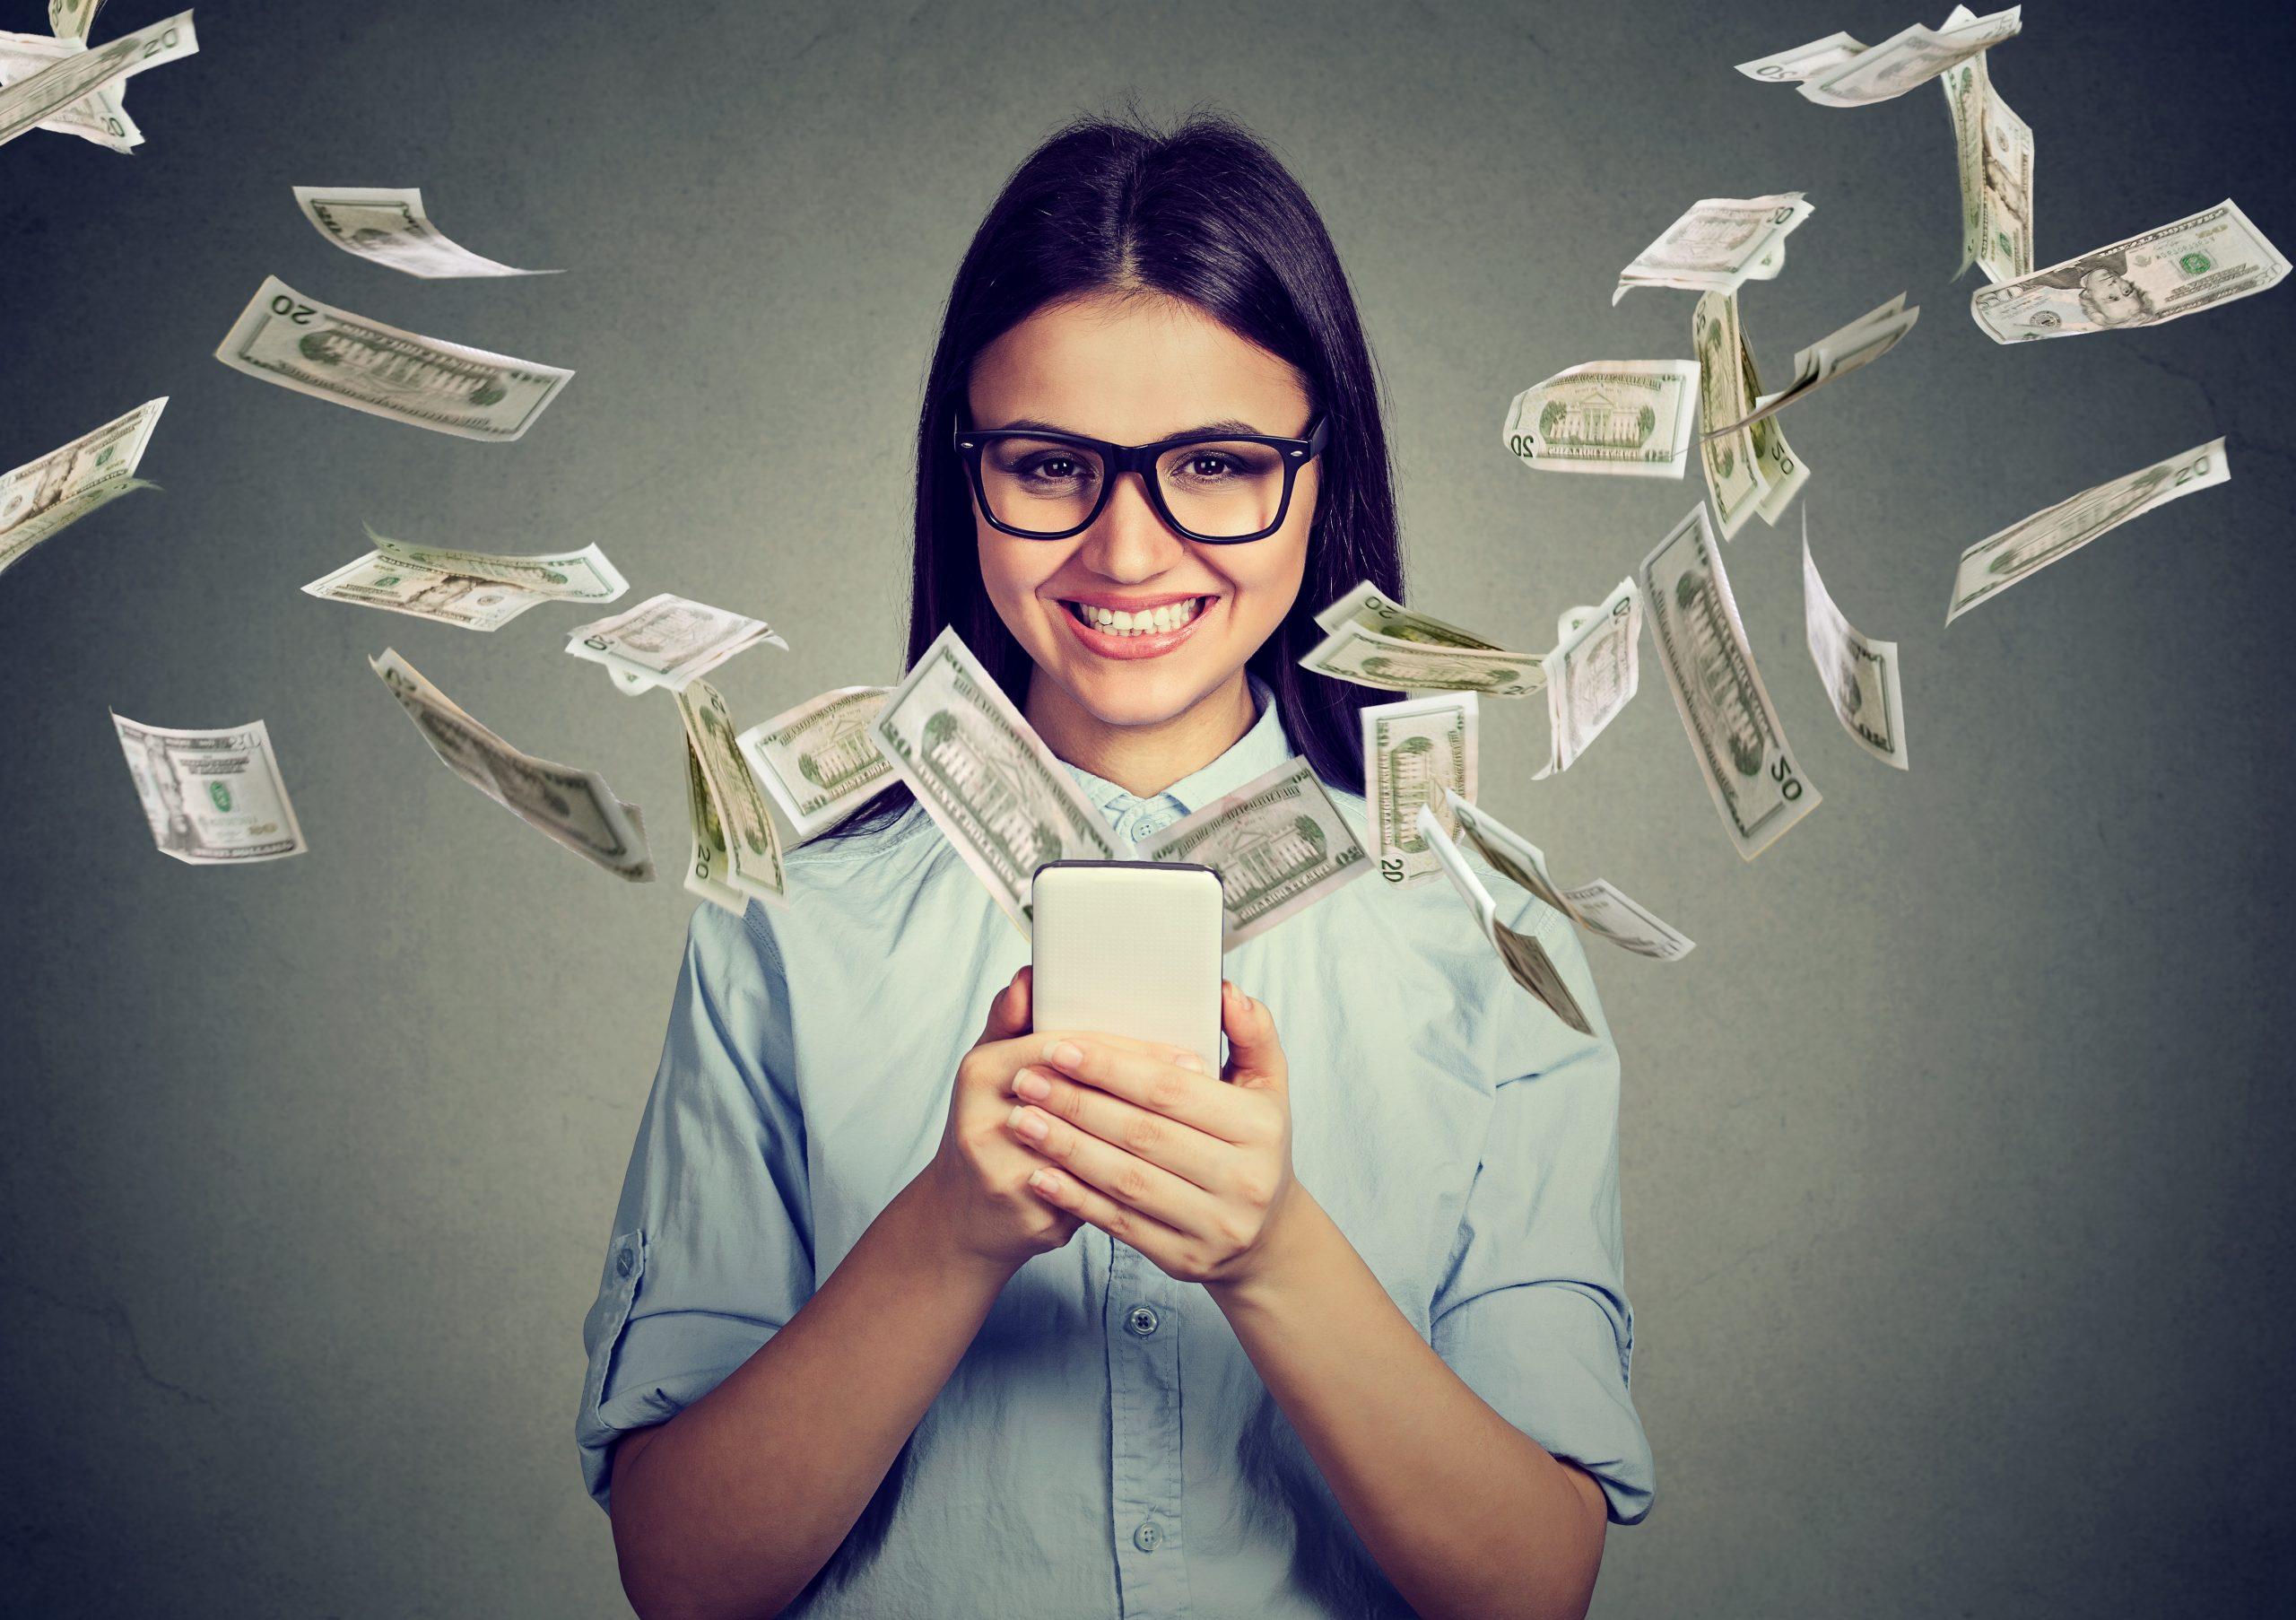 Donne e finanza, debole alleanza